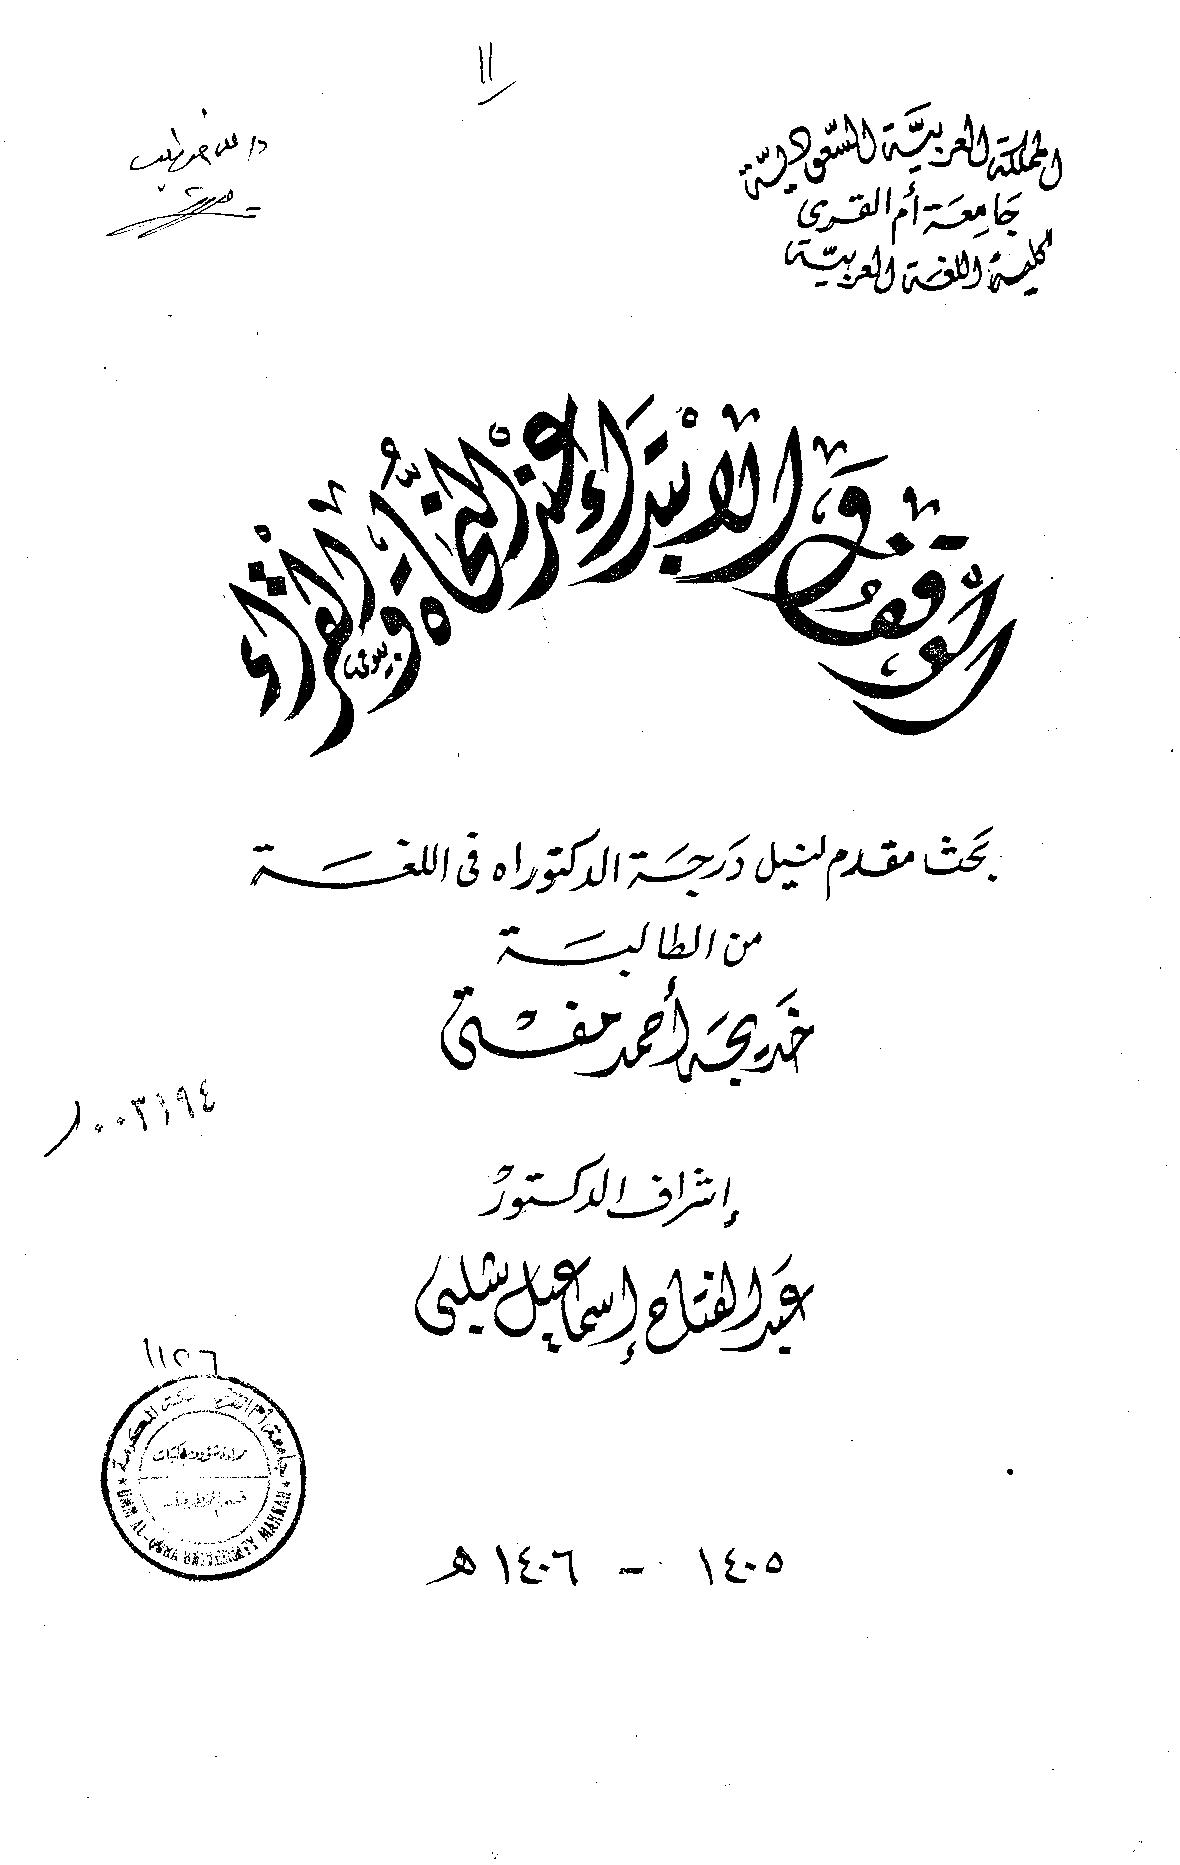 تحميل كتاب الفروق اللغوية في تفسير الكلمات القرآنية pdf